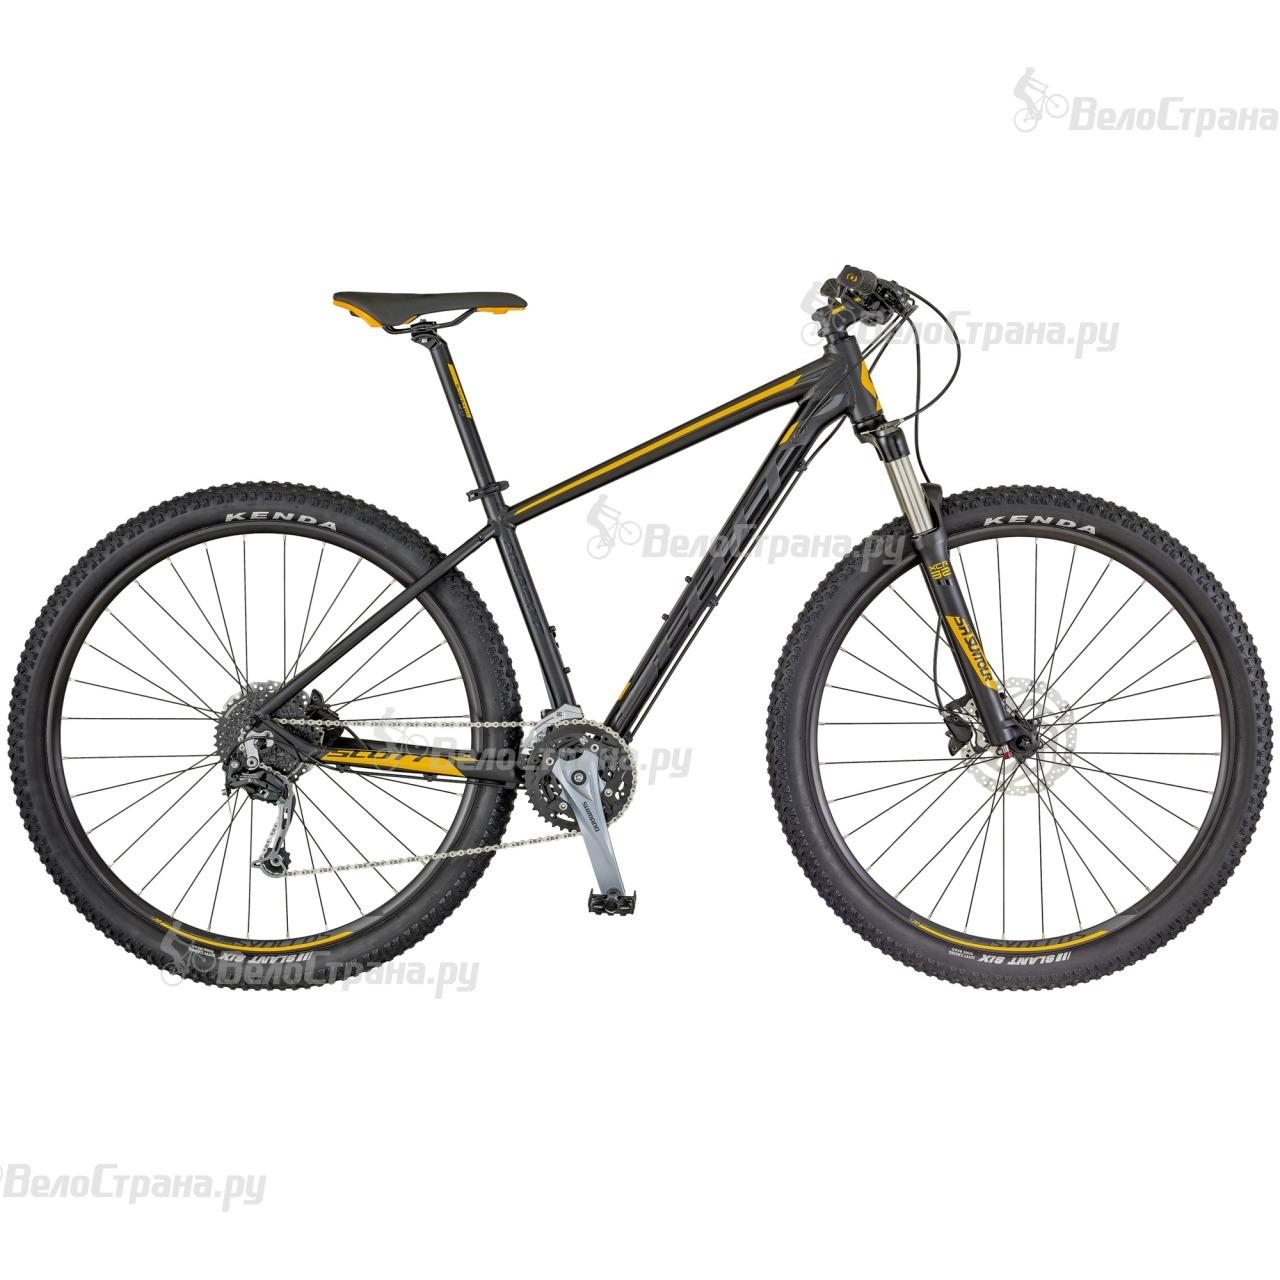 Горный велосипед Scott Aspect 730 (2018) - интернет-магазин ... 65eb4b12176